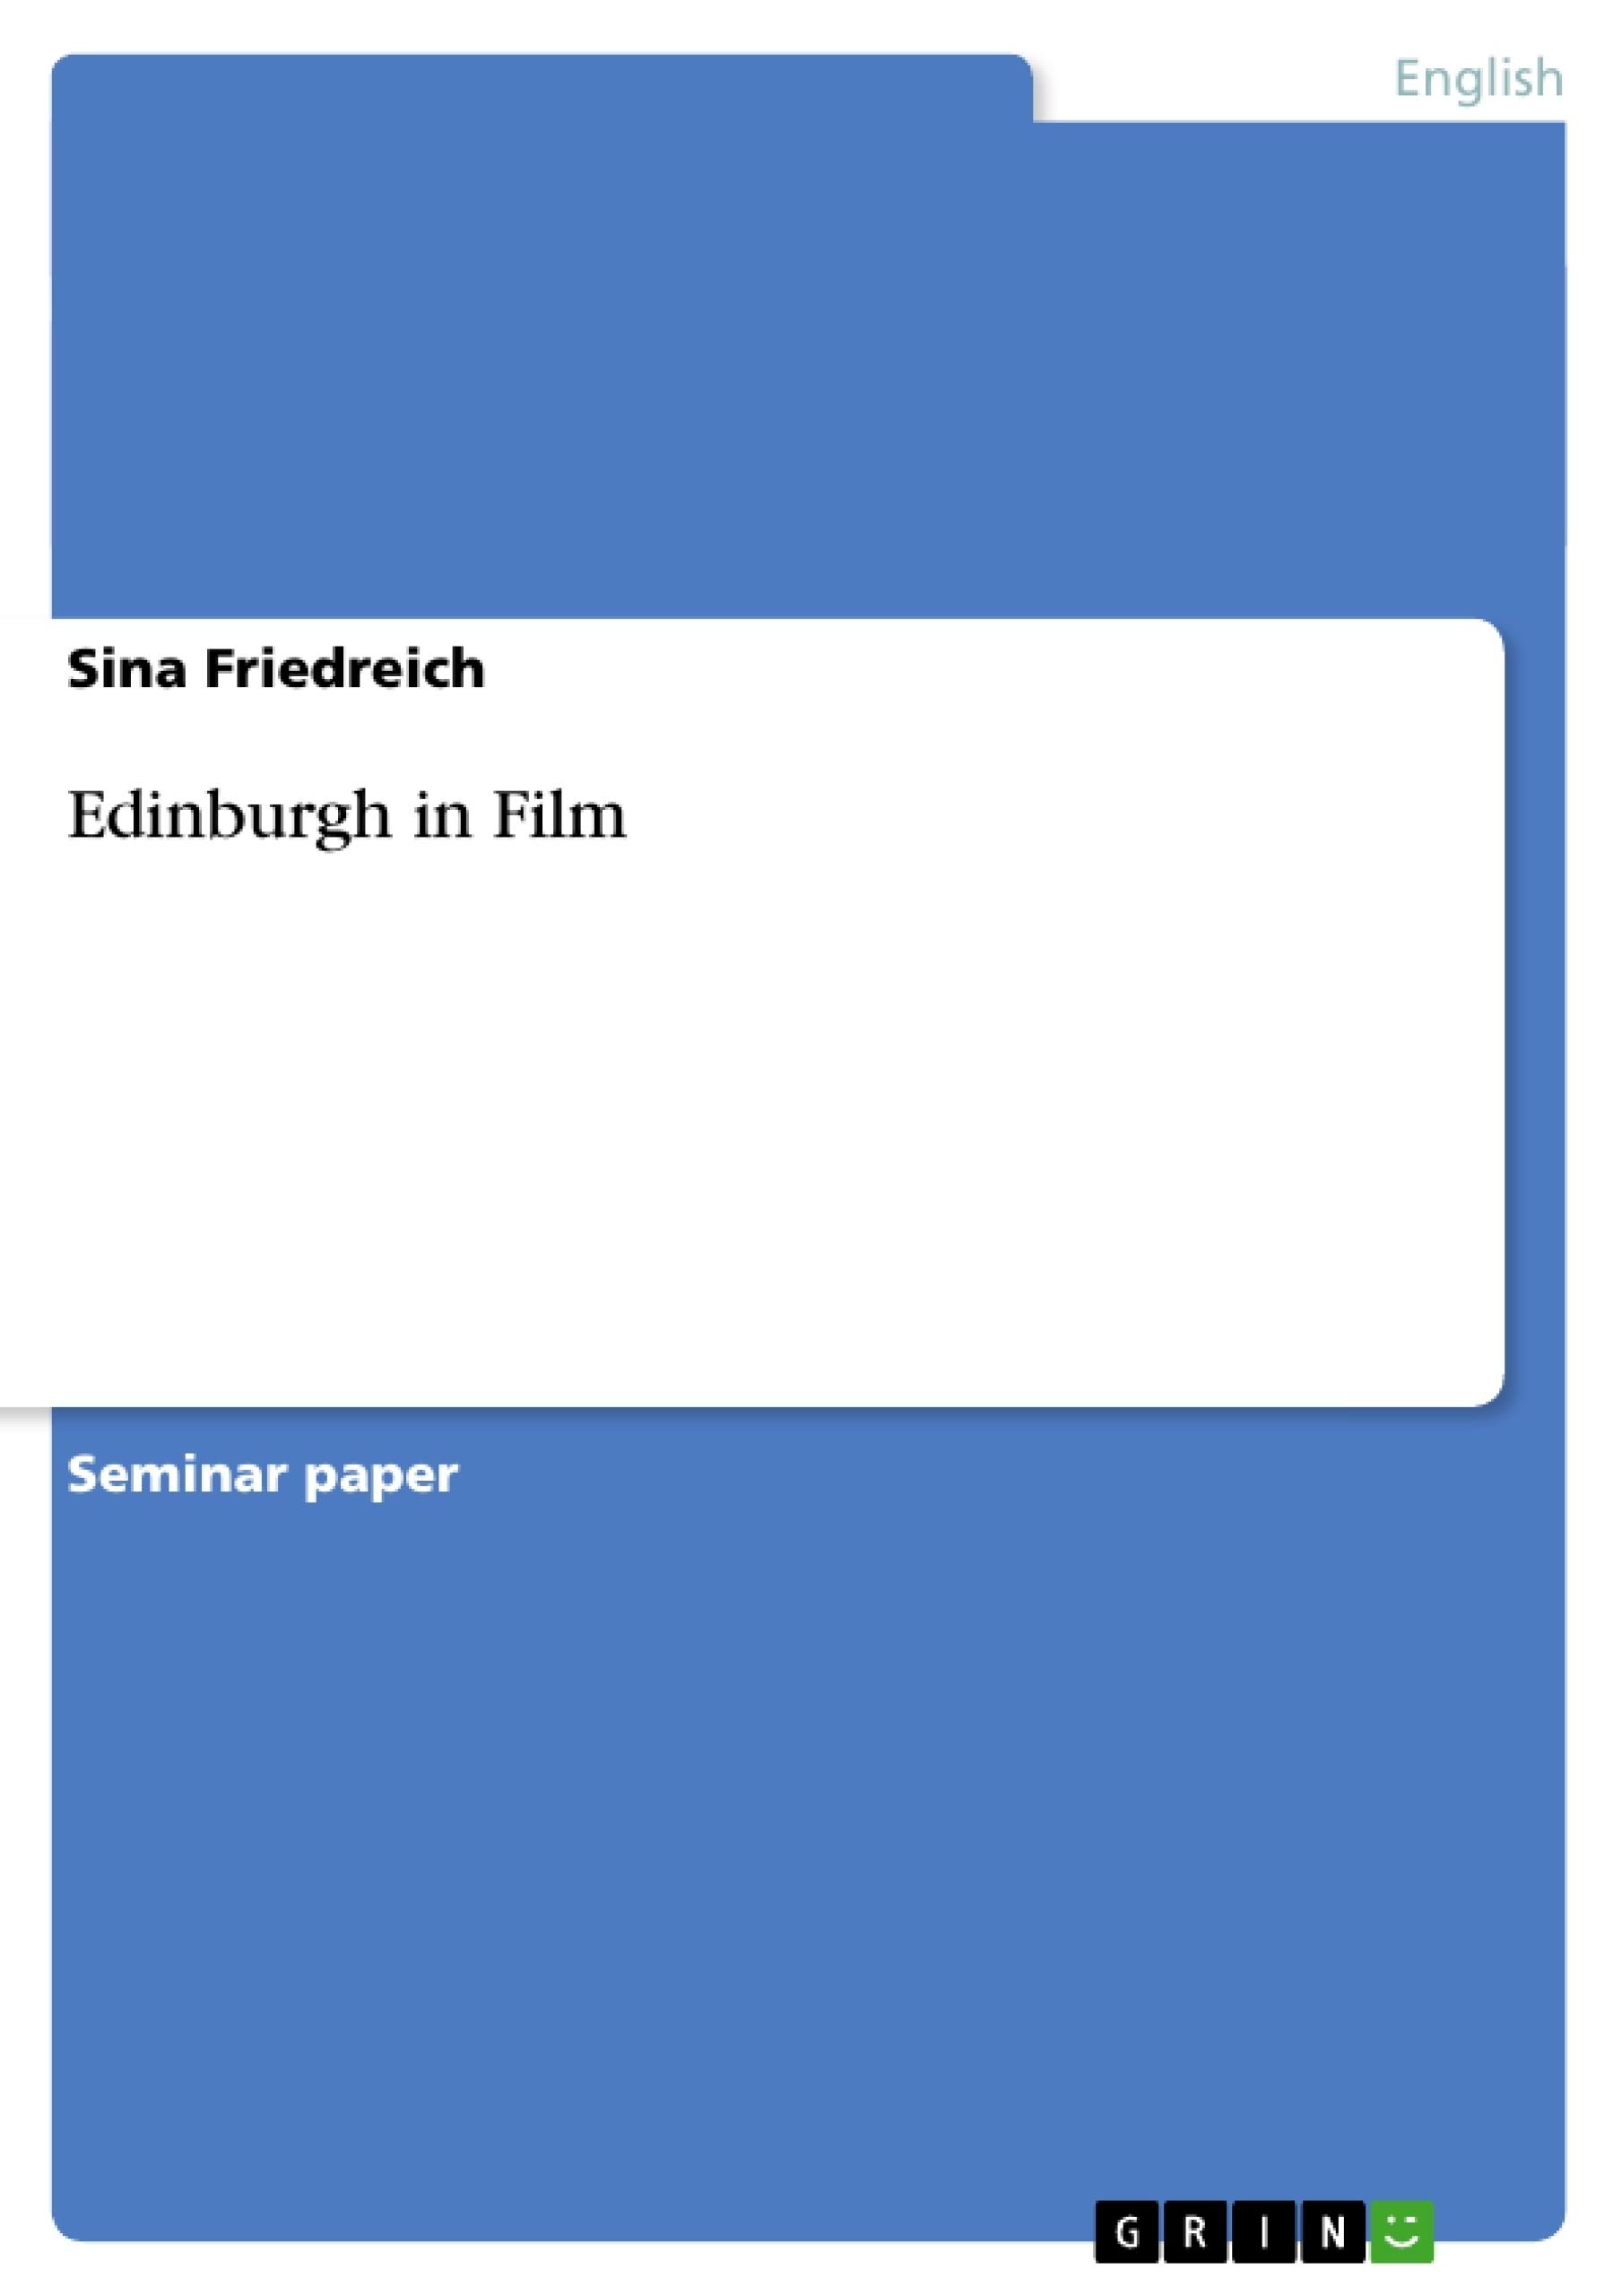 Title: Edinburgh in Film